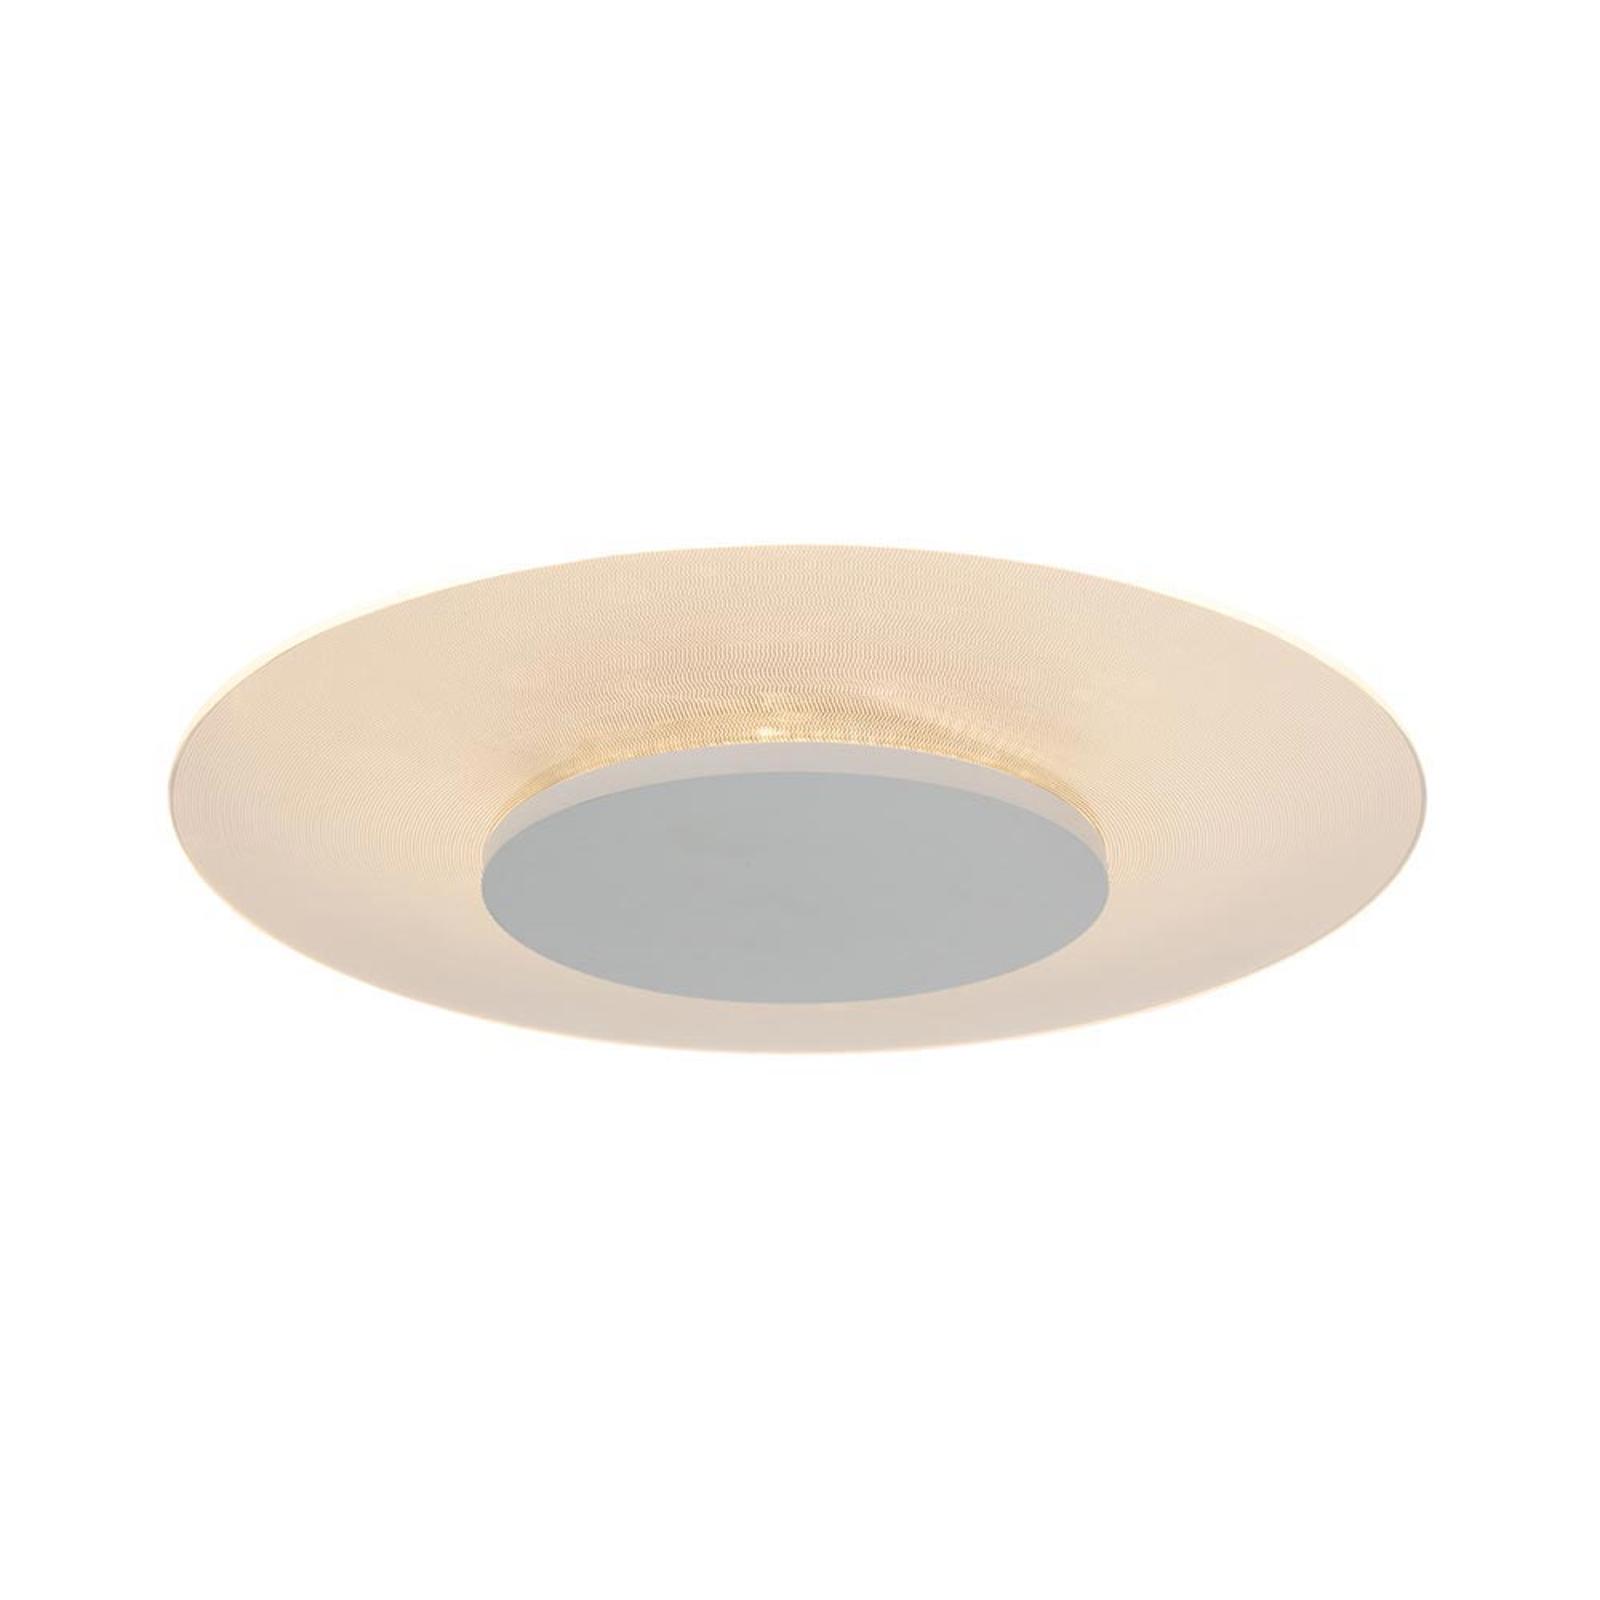 Pyöreä LED-kattovalaisin Birma valkoisena, himm.